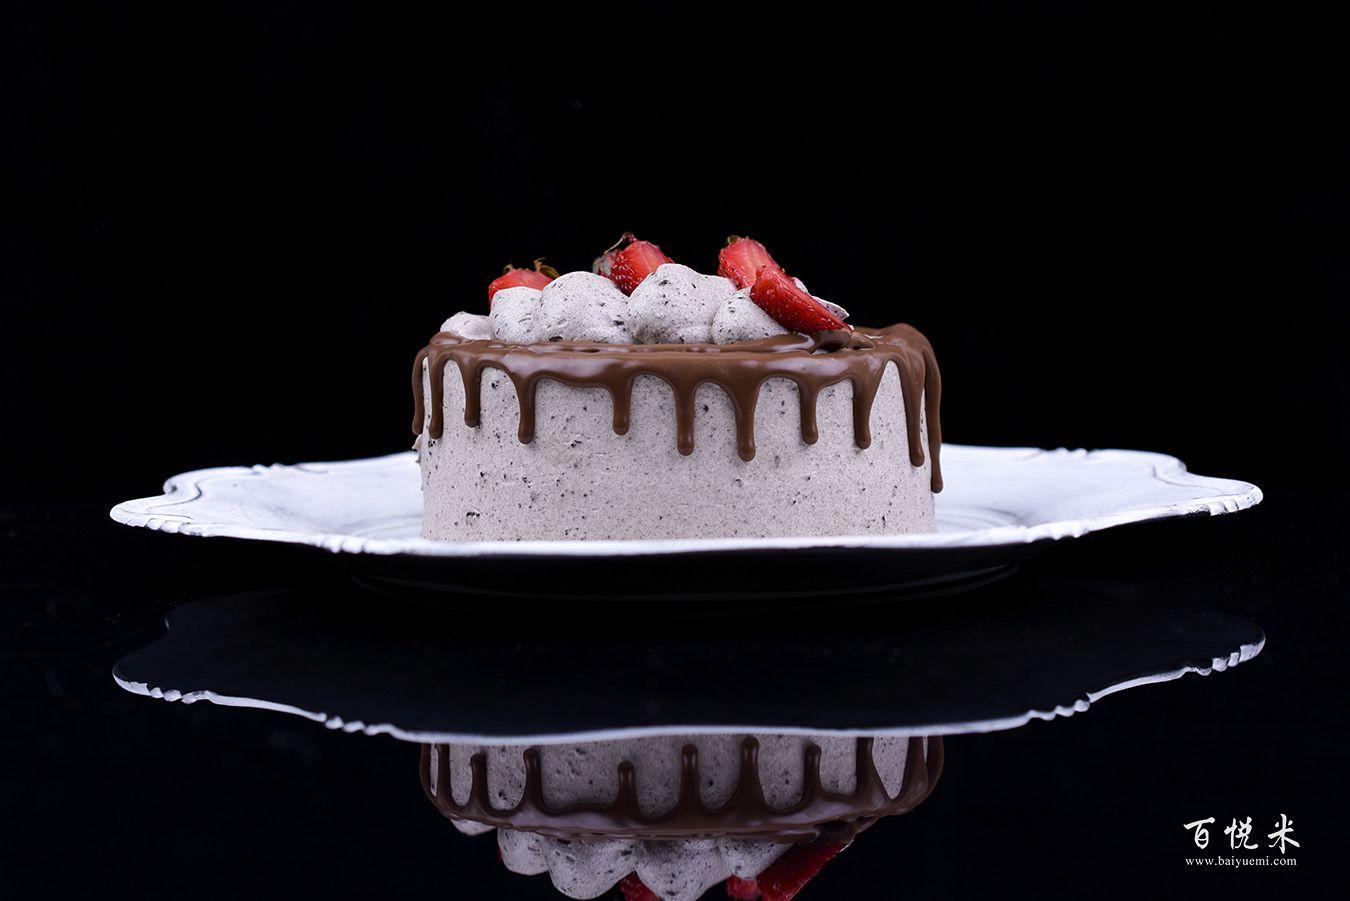 奥利奥咸奶油草莓淋面蛋糕高清图片大全【蛋糕图片】_1134